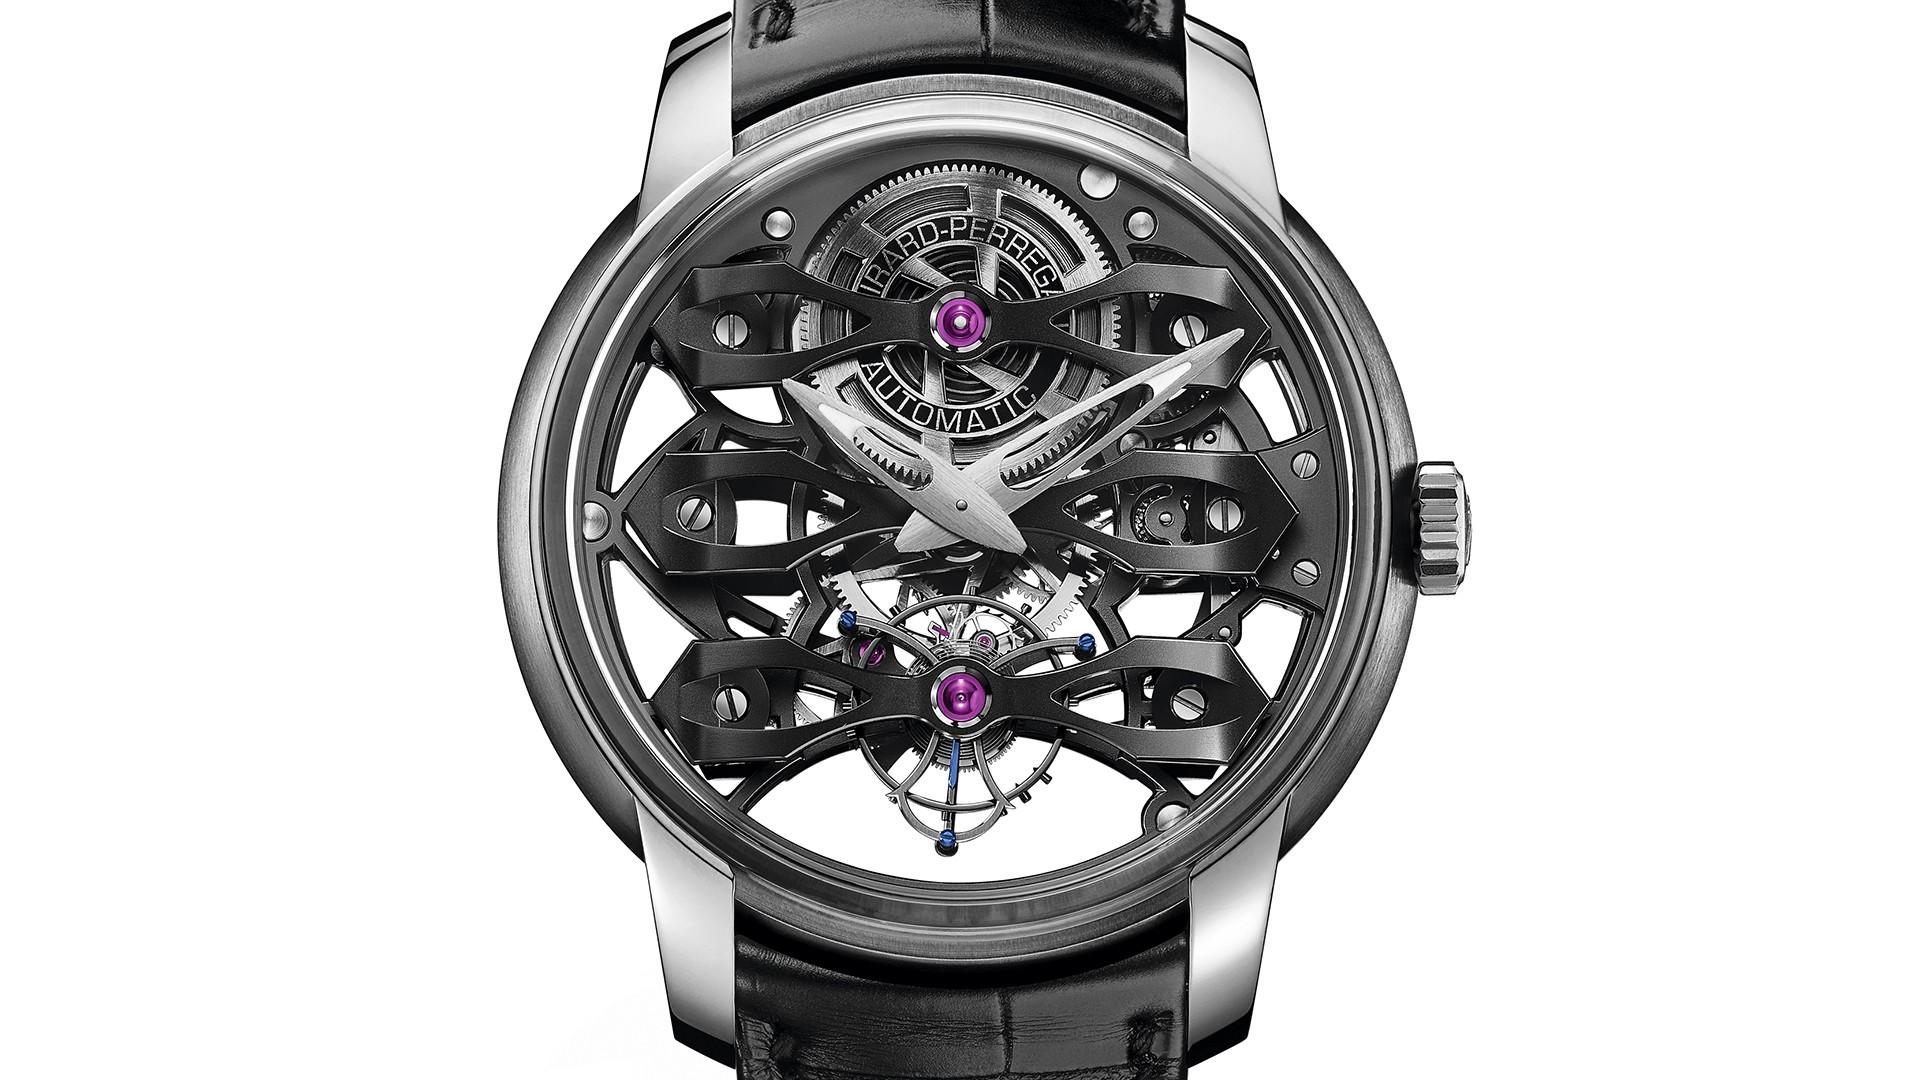 Girard-Perregaux Neo-Tourbillon With Three Bridges Skeleton watch